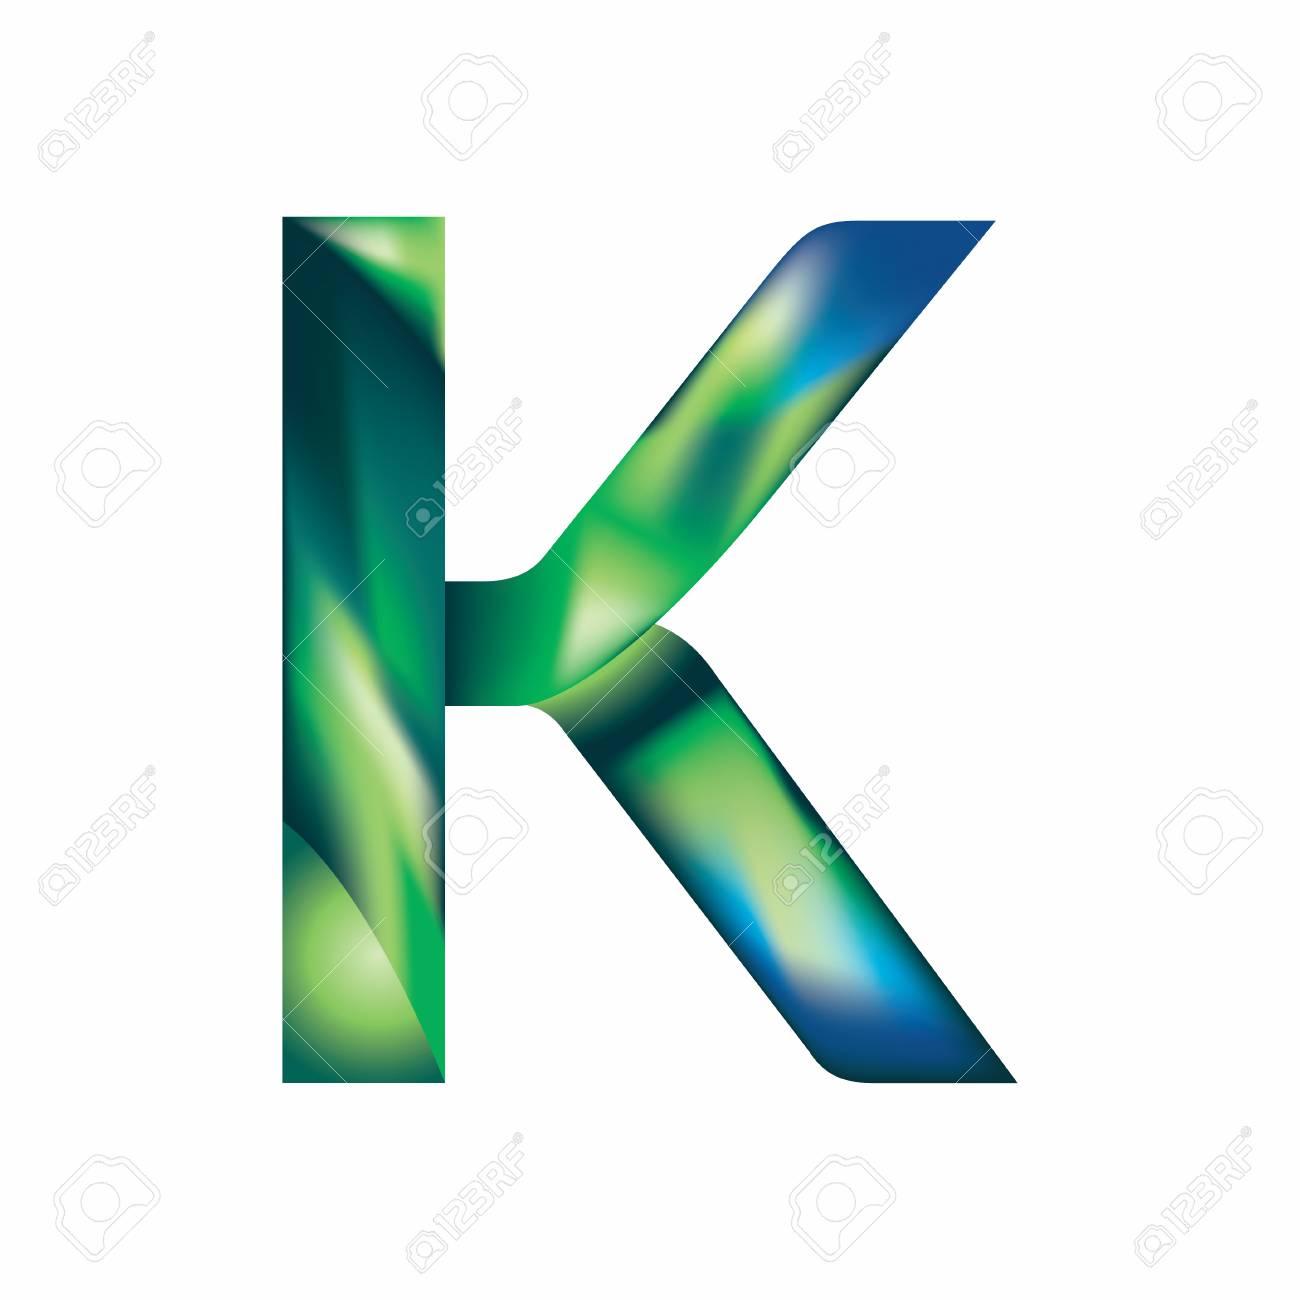 Letter K In Blue Green Color Image Illustration Royalty Free ...